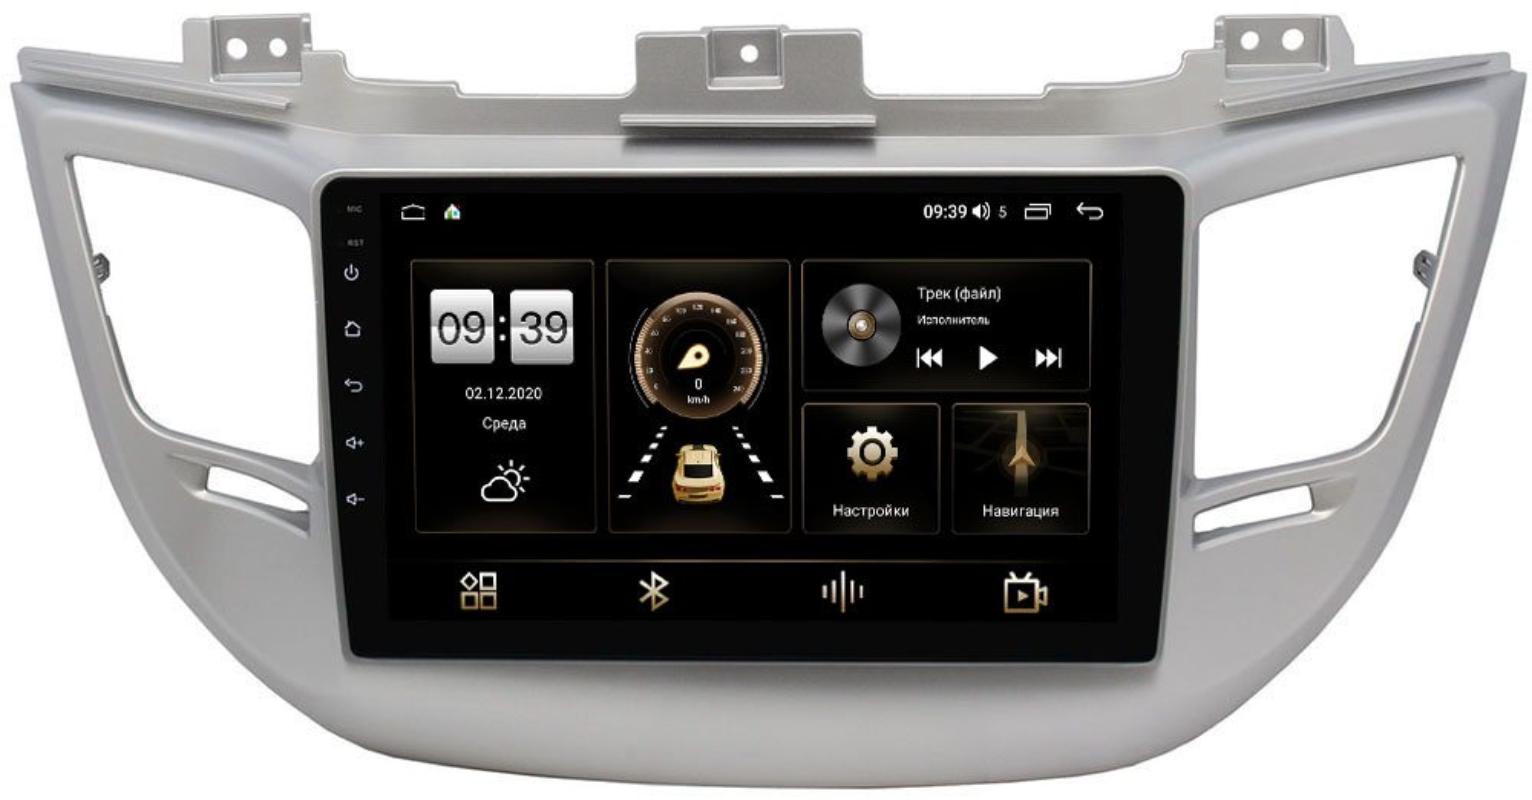 Штатная магнитола LeTrun 4166-9042 для Hyundai Tucson III 2015-2018 на Android 10 (4G-SIM, 3/32, DSP, QLed) для авто с камерой (+ Камера заднего вида в подарок!)